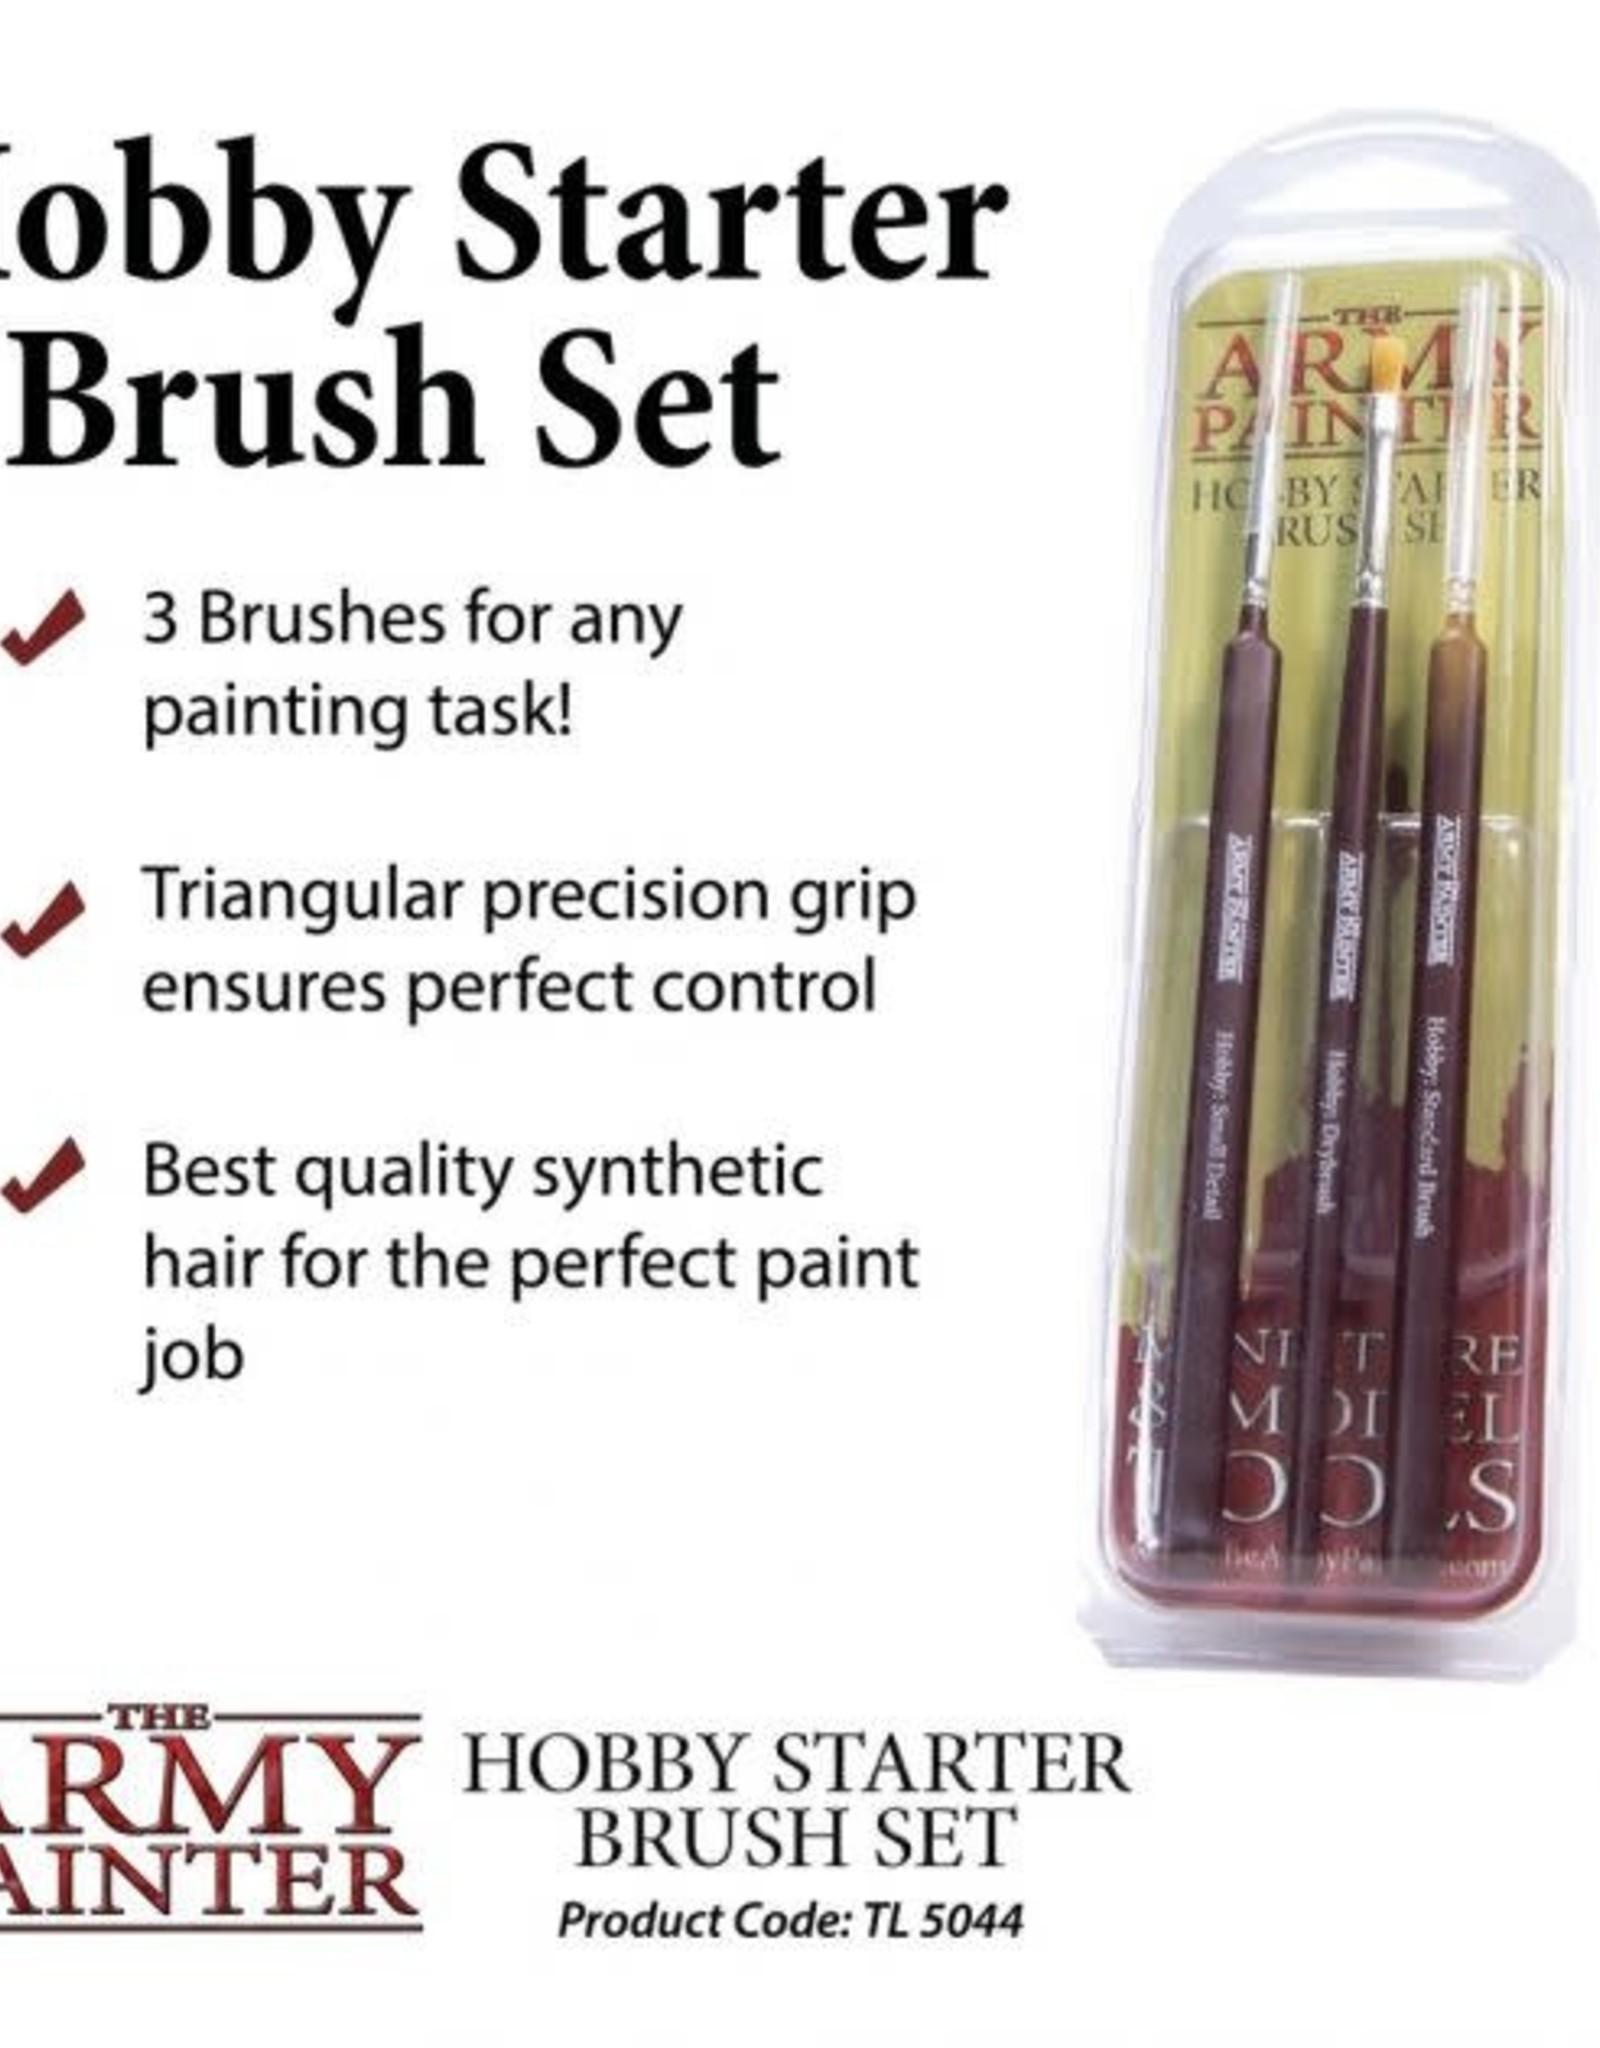 The Army Painter Hobby Starter Brush Set